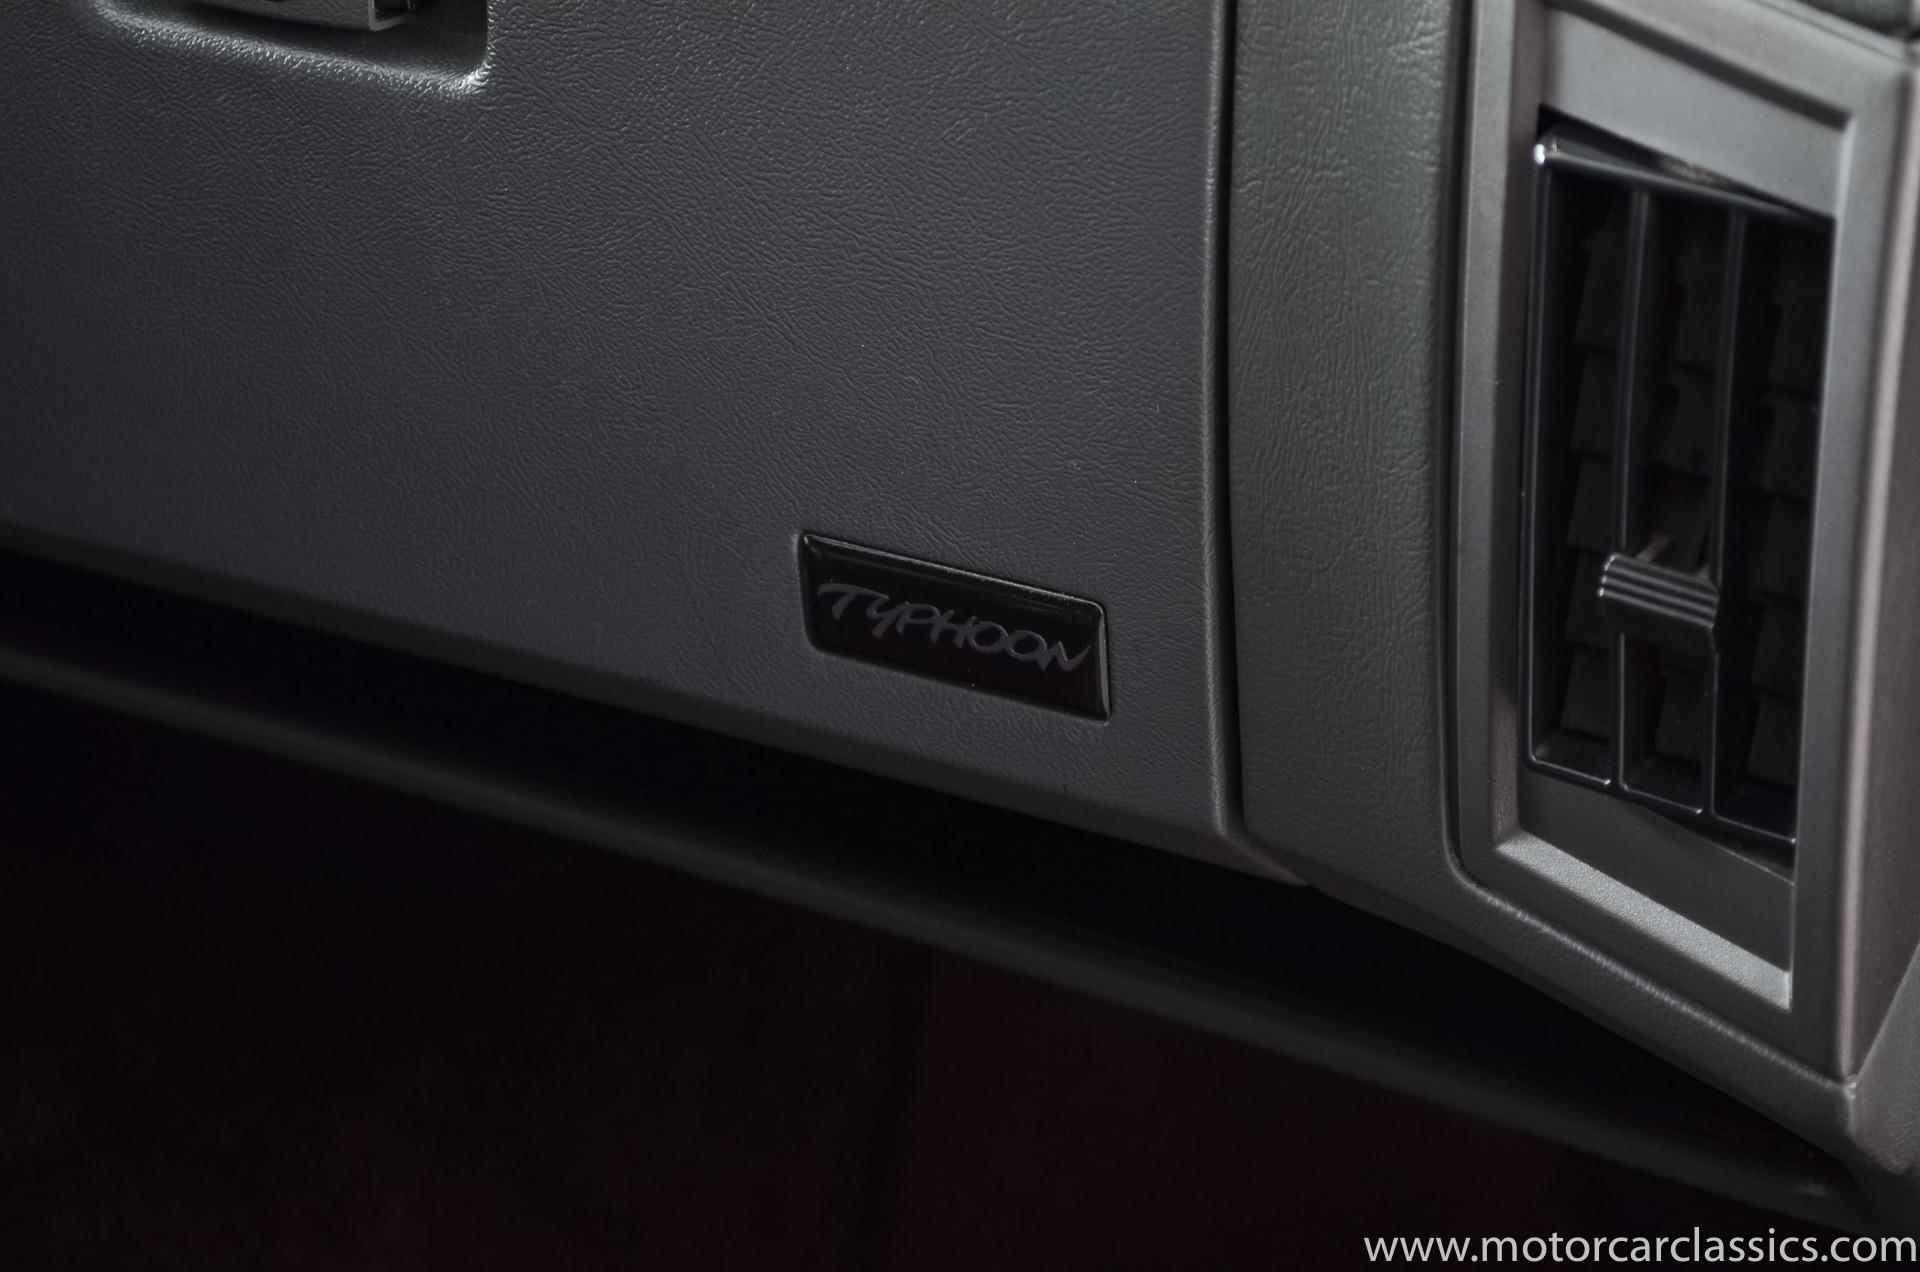 1992 GMC Typhoon Turbo